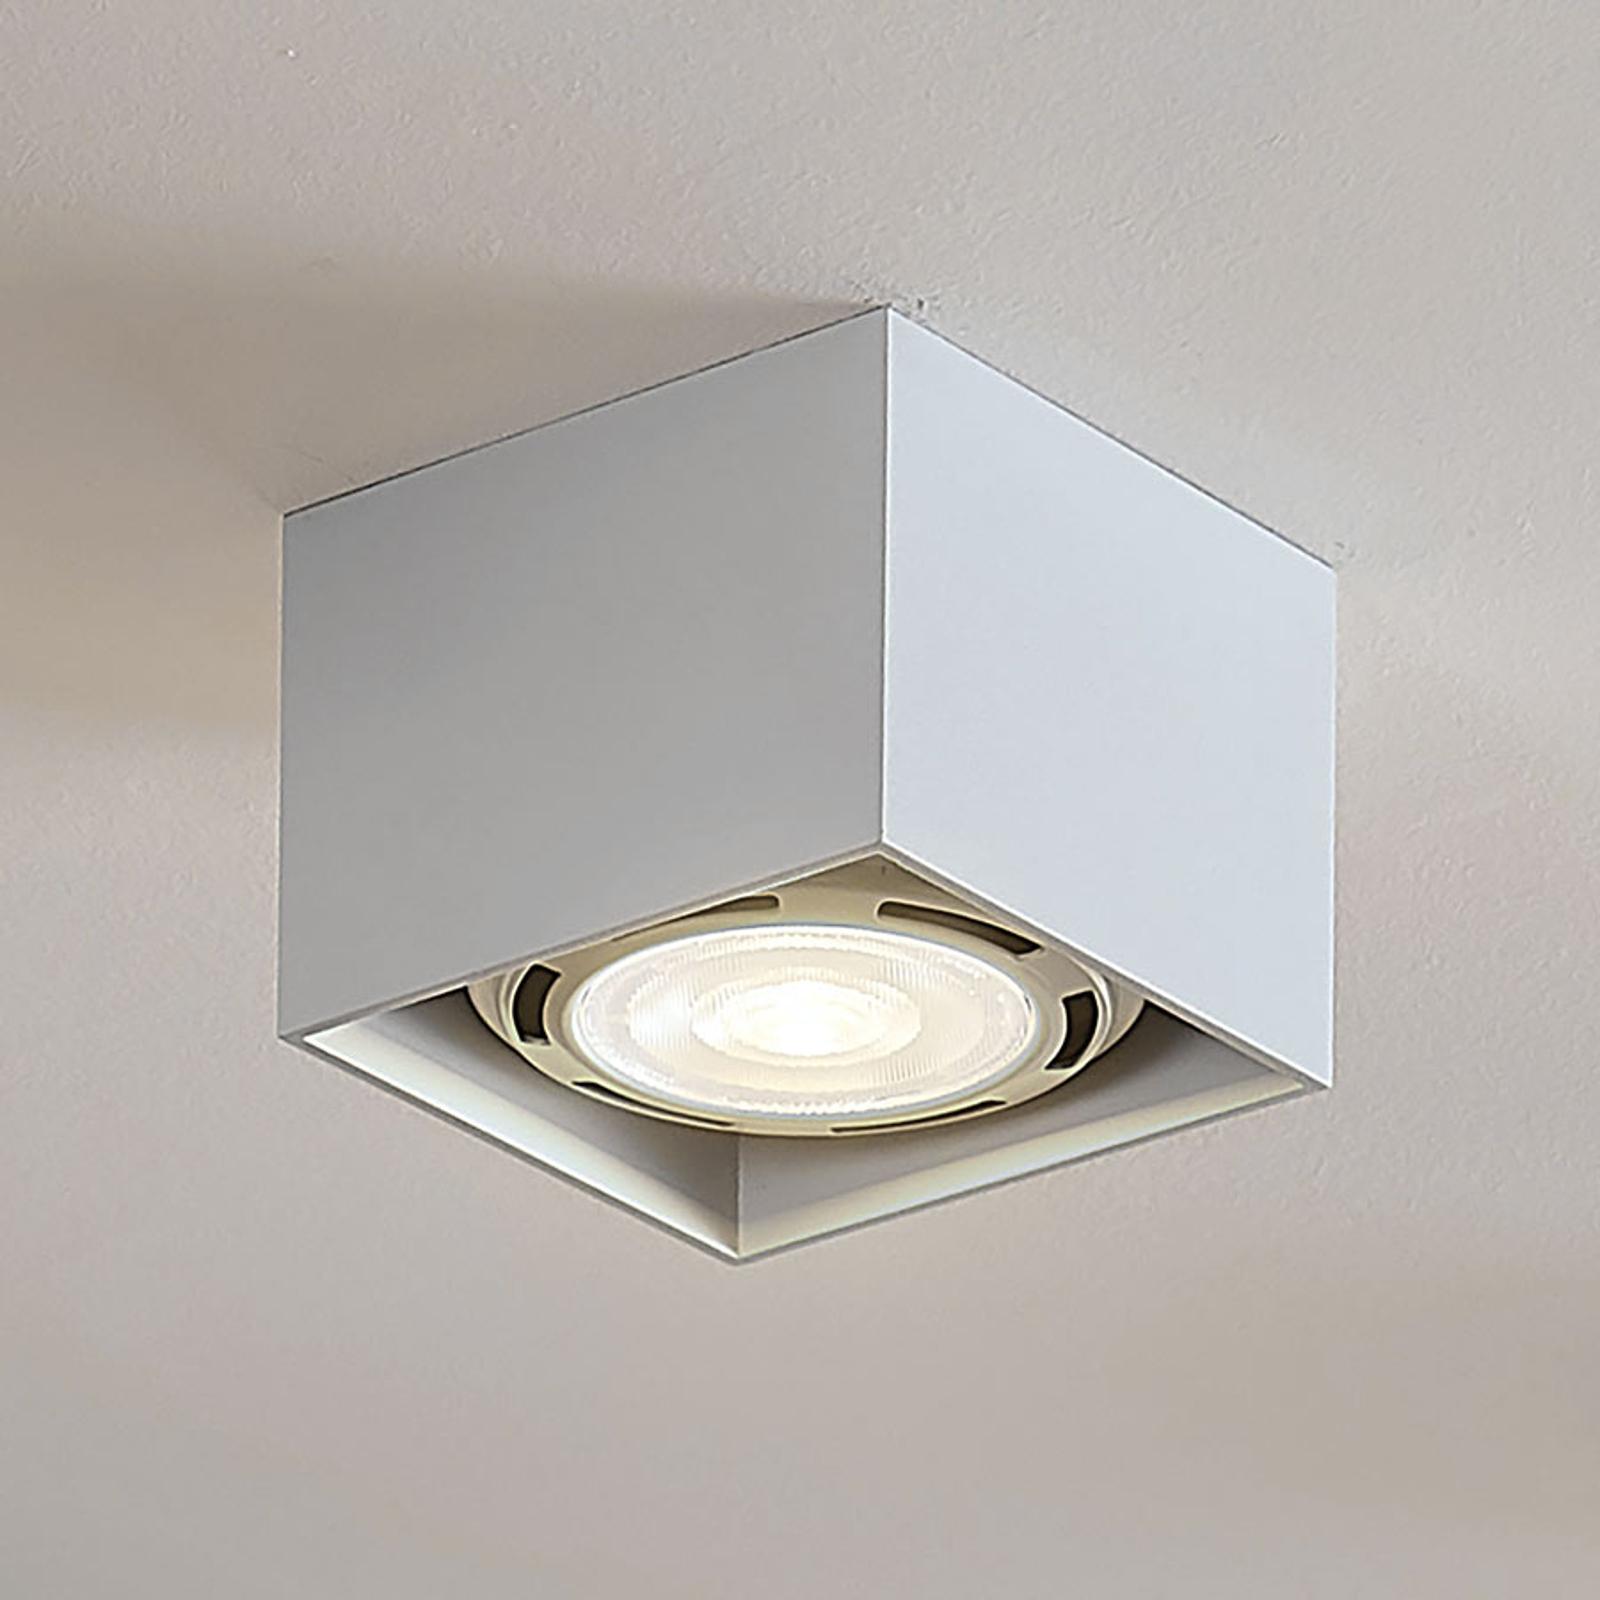 Faretto da soffitto LED Mabel, quadrato, bianco